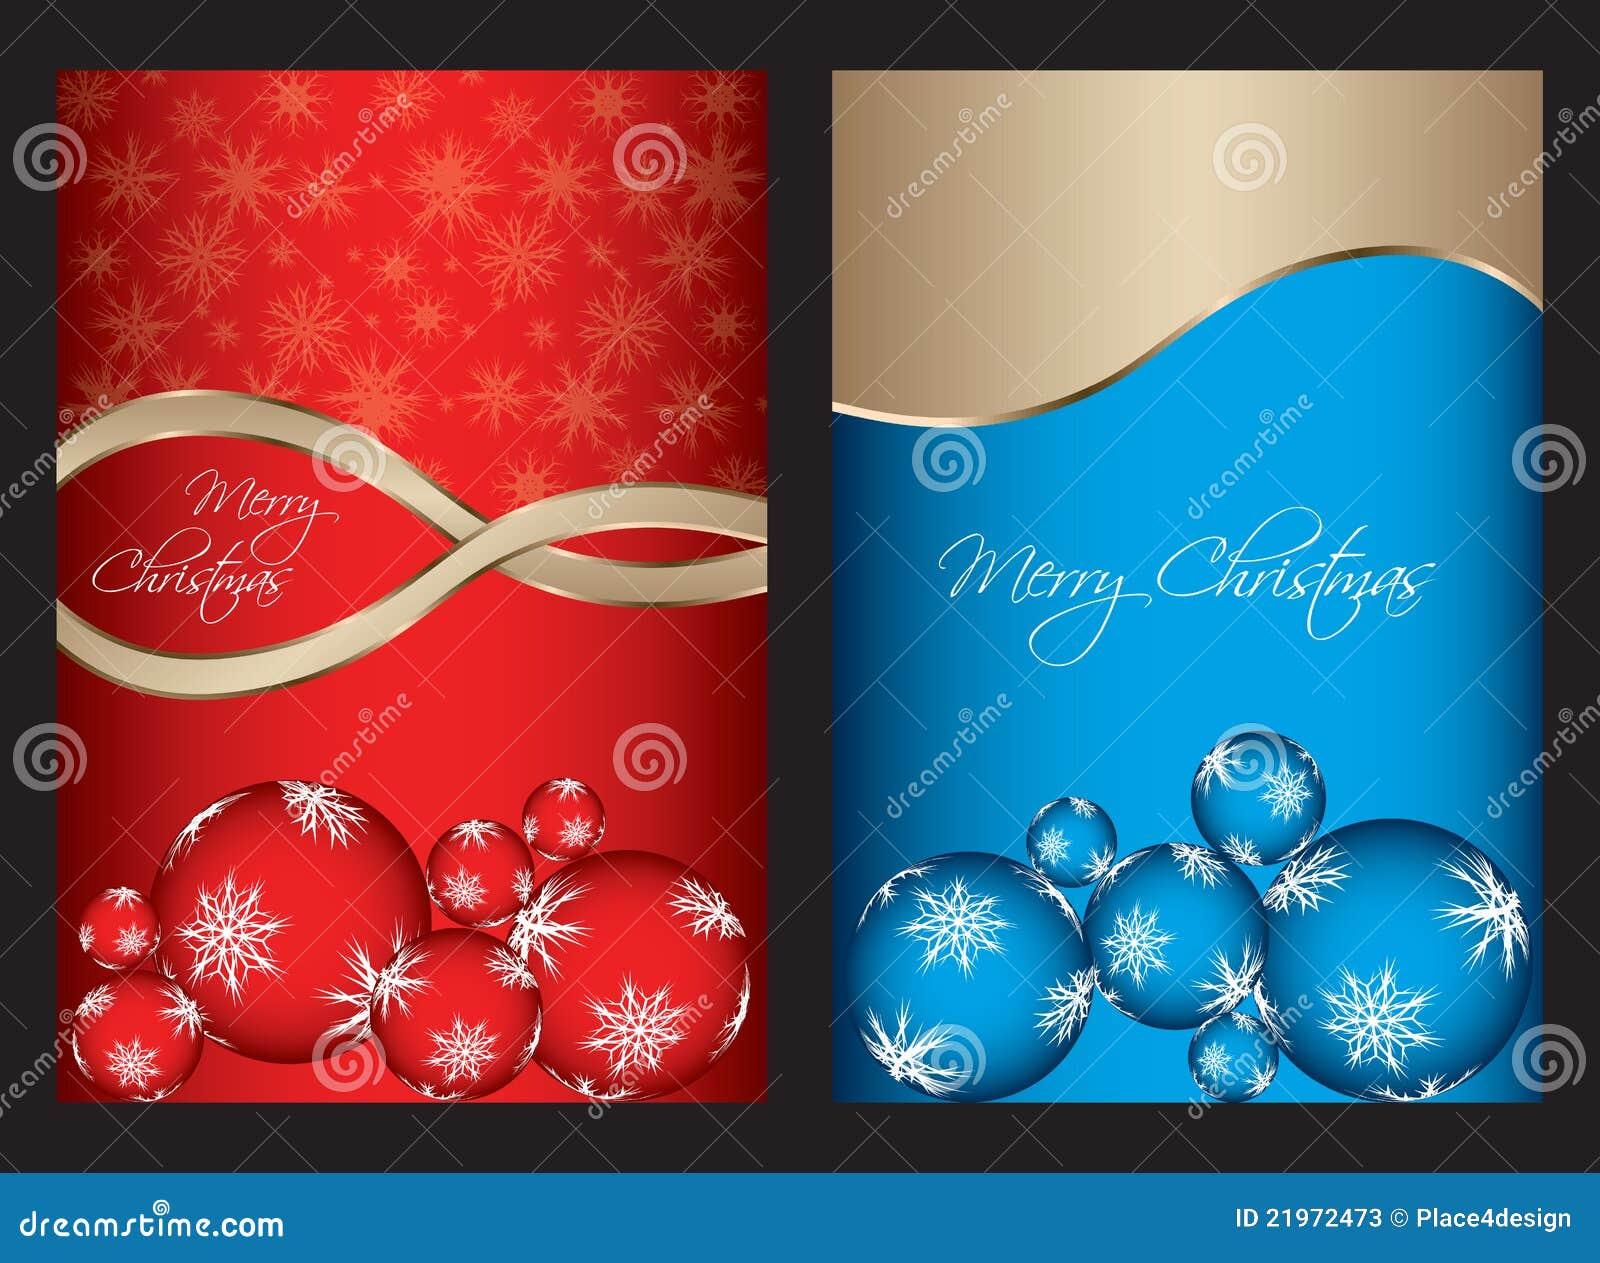 Spezielle weihnachtskarten vektor abbildung illustration von rand 21972473 - Weihnachtskarten download ...